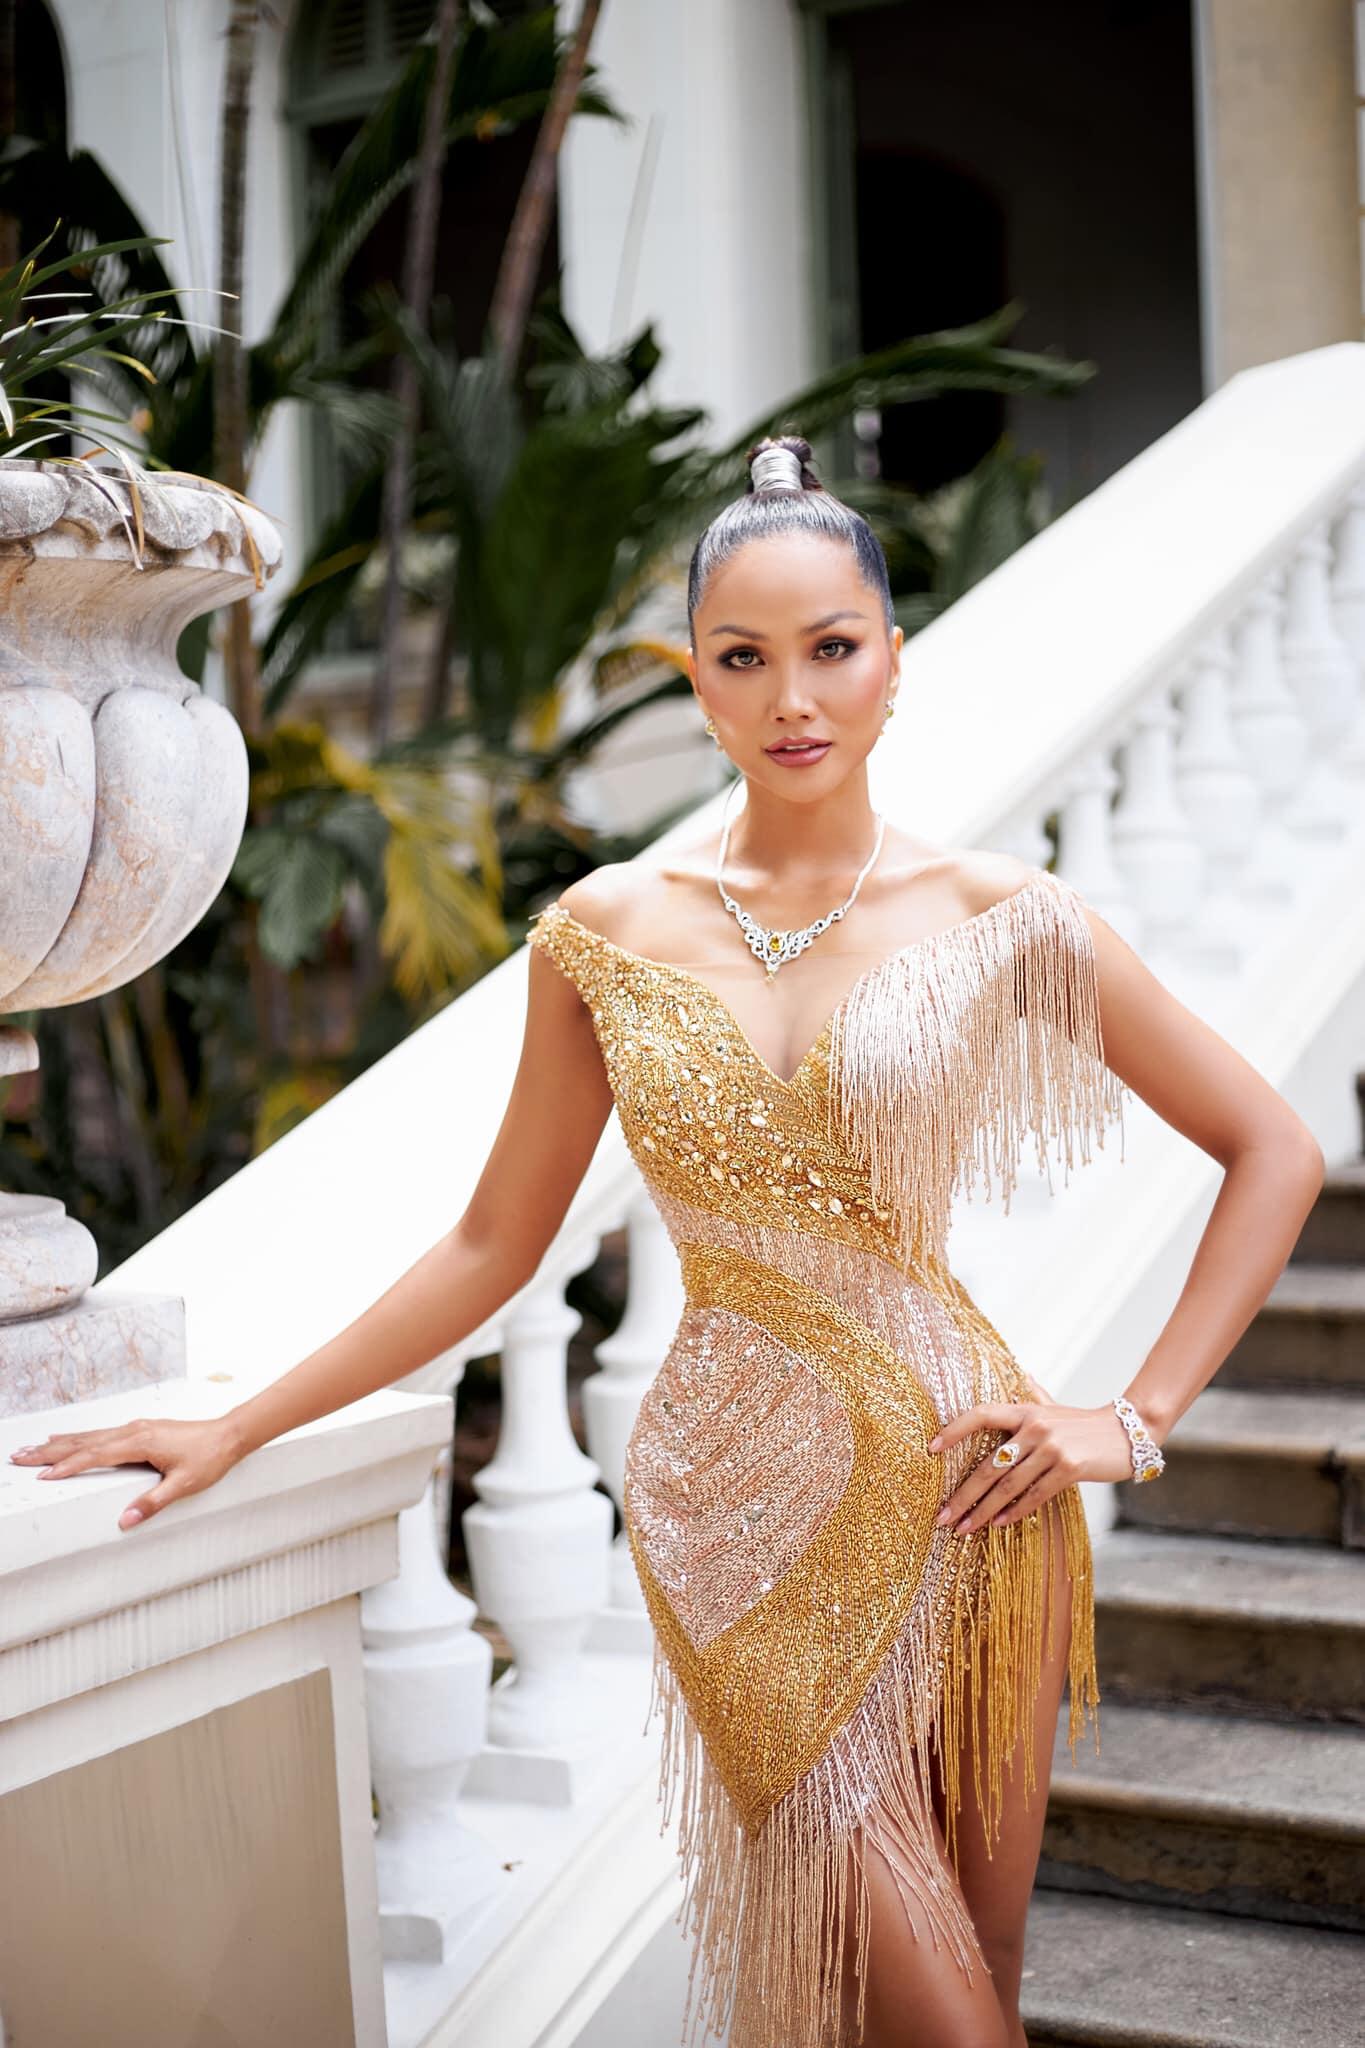 H'Hen Niê, Lương Thùy Linh và dàn sao Việt so kè nhan sắc đẹp 'bất bại' trong trang phục dạ hội 4